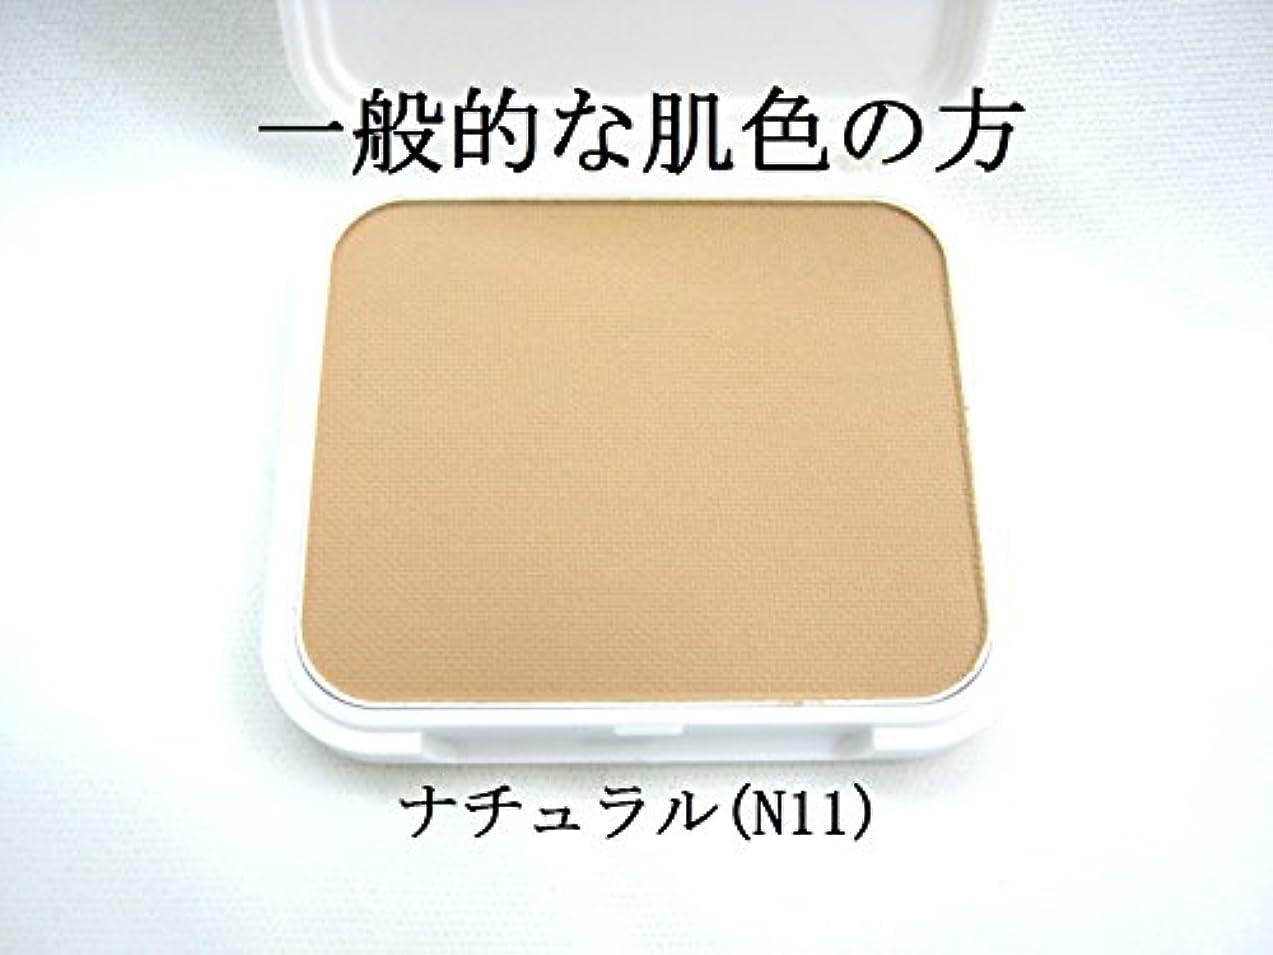 空サイドボード富IR アイリベール化粧品 パウダリーファンデーション リフィル 13g (N11)